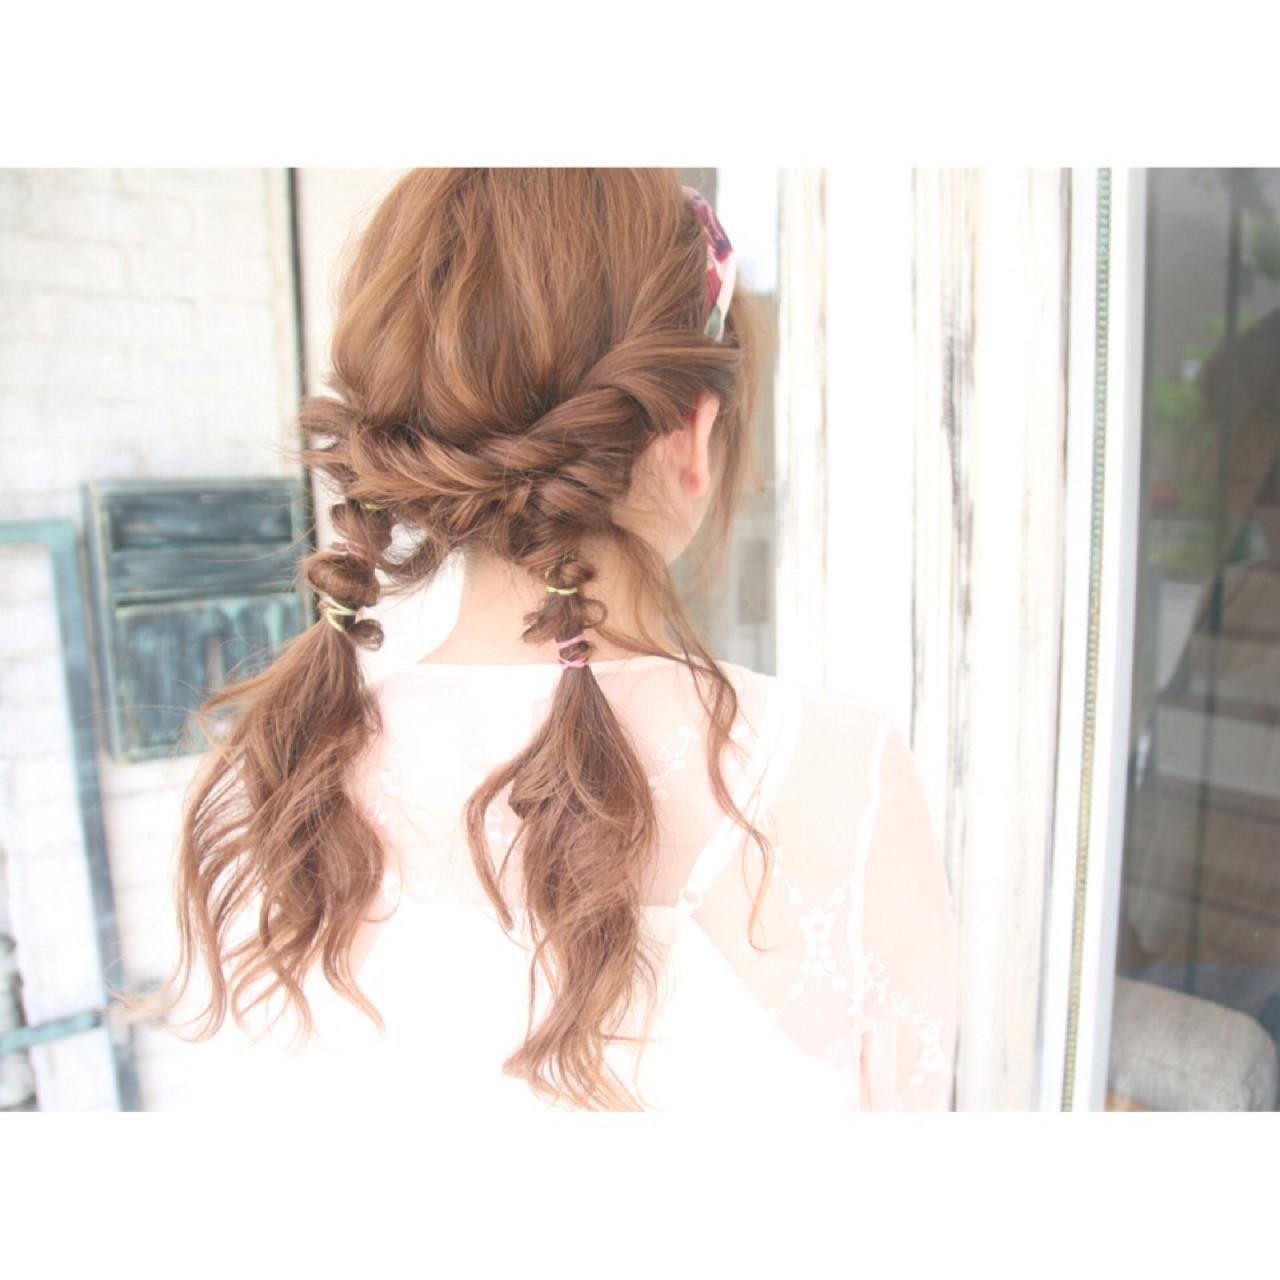 コンサートに行くならこの髪型!イベントがもっと楽しくなるヘアアレンジ集 松谷 聖史